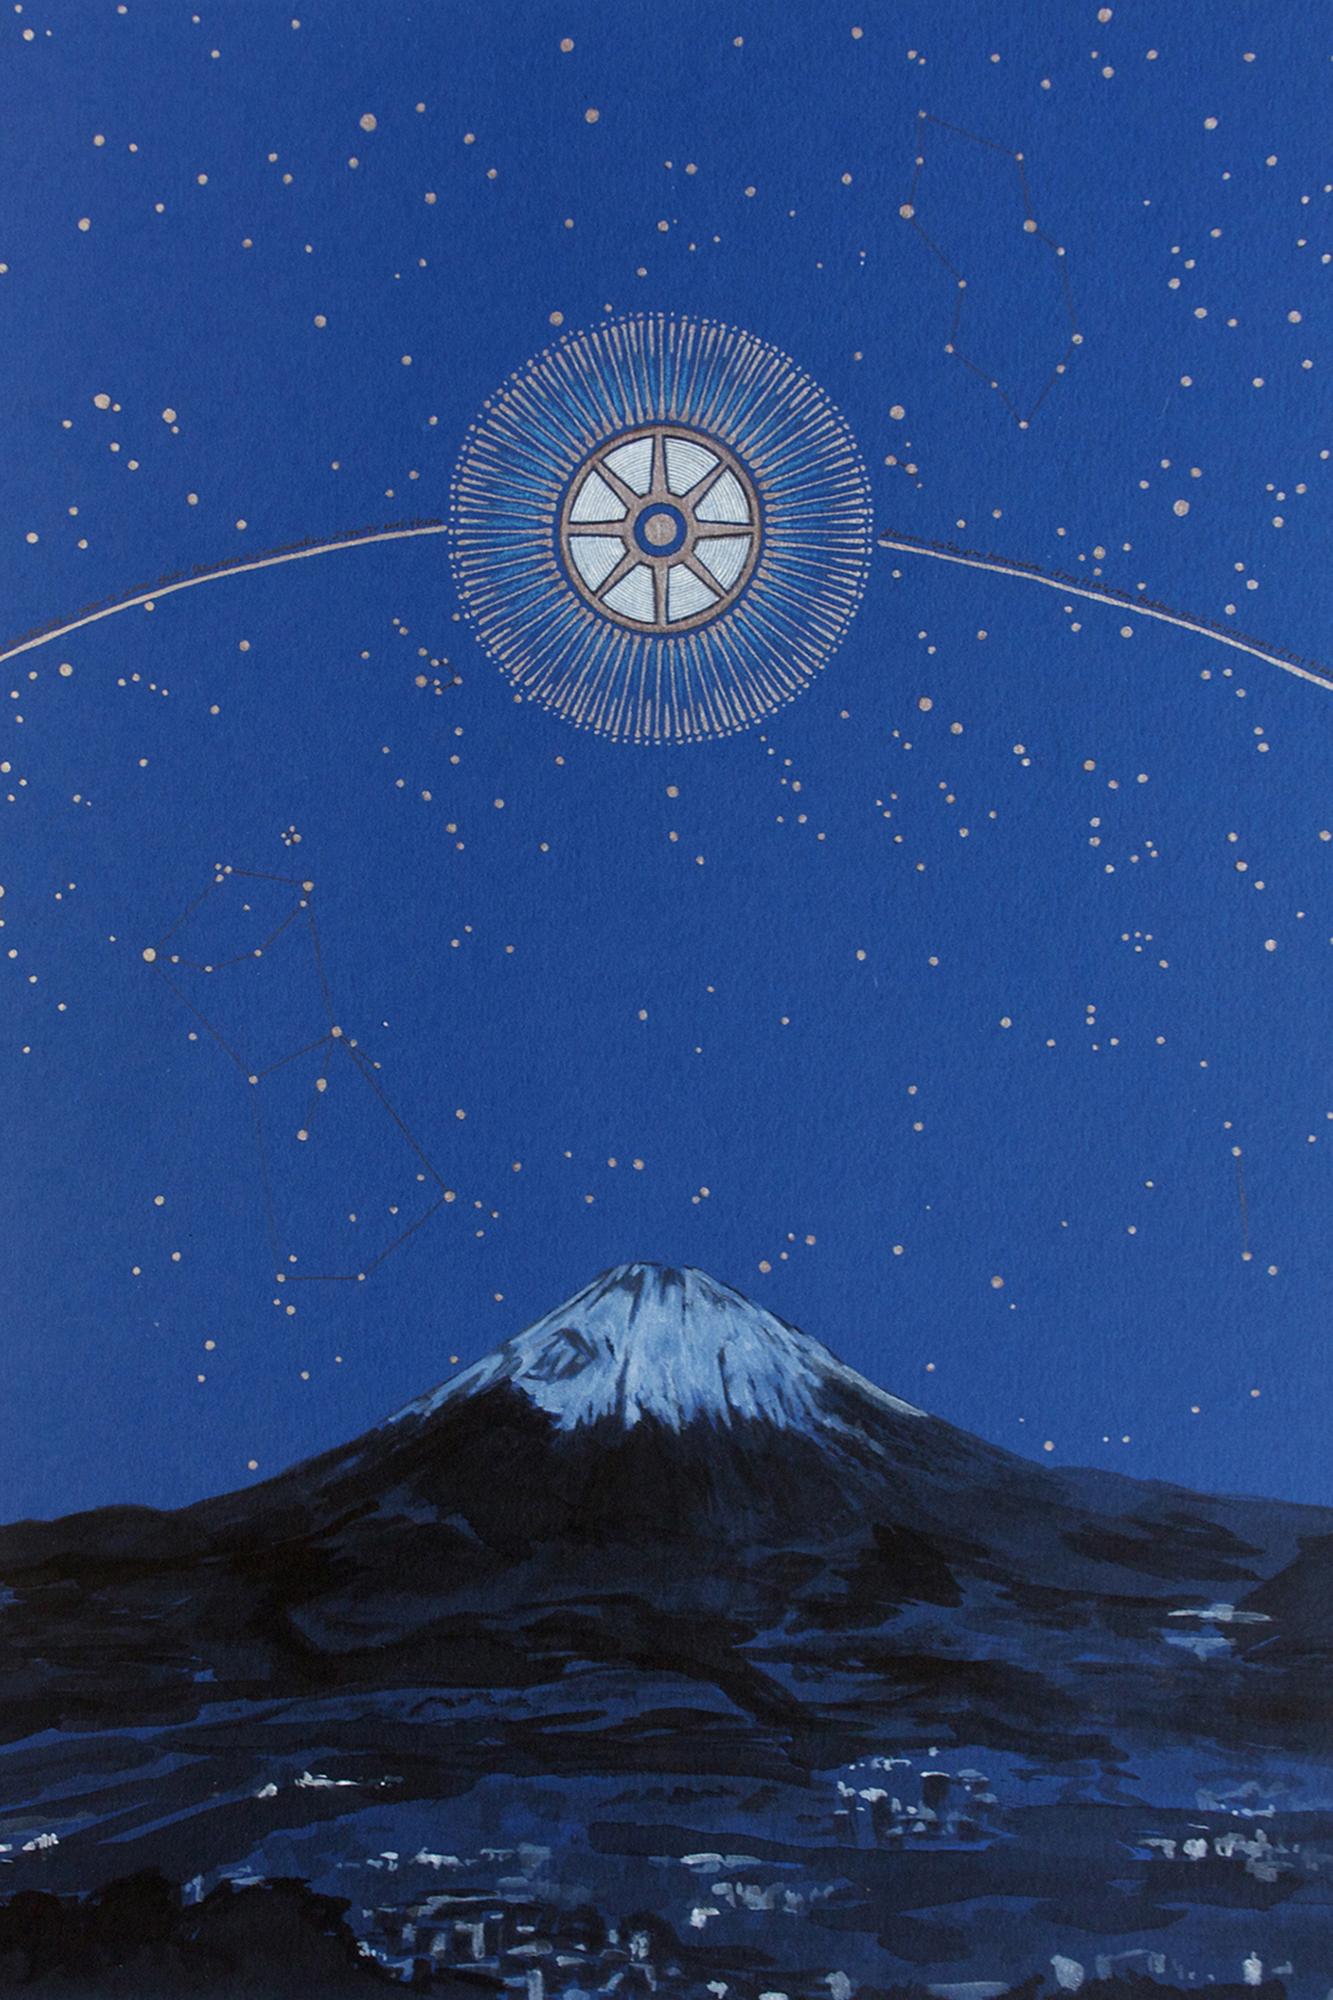 3.U.C.Mt. Fuji.jpg